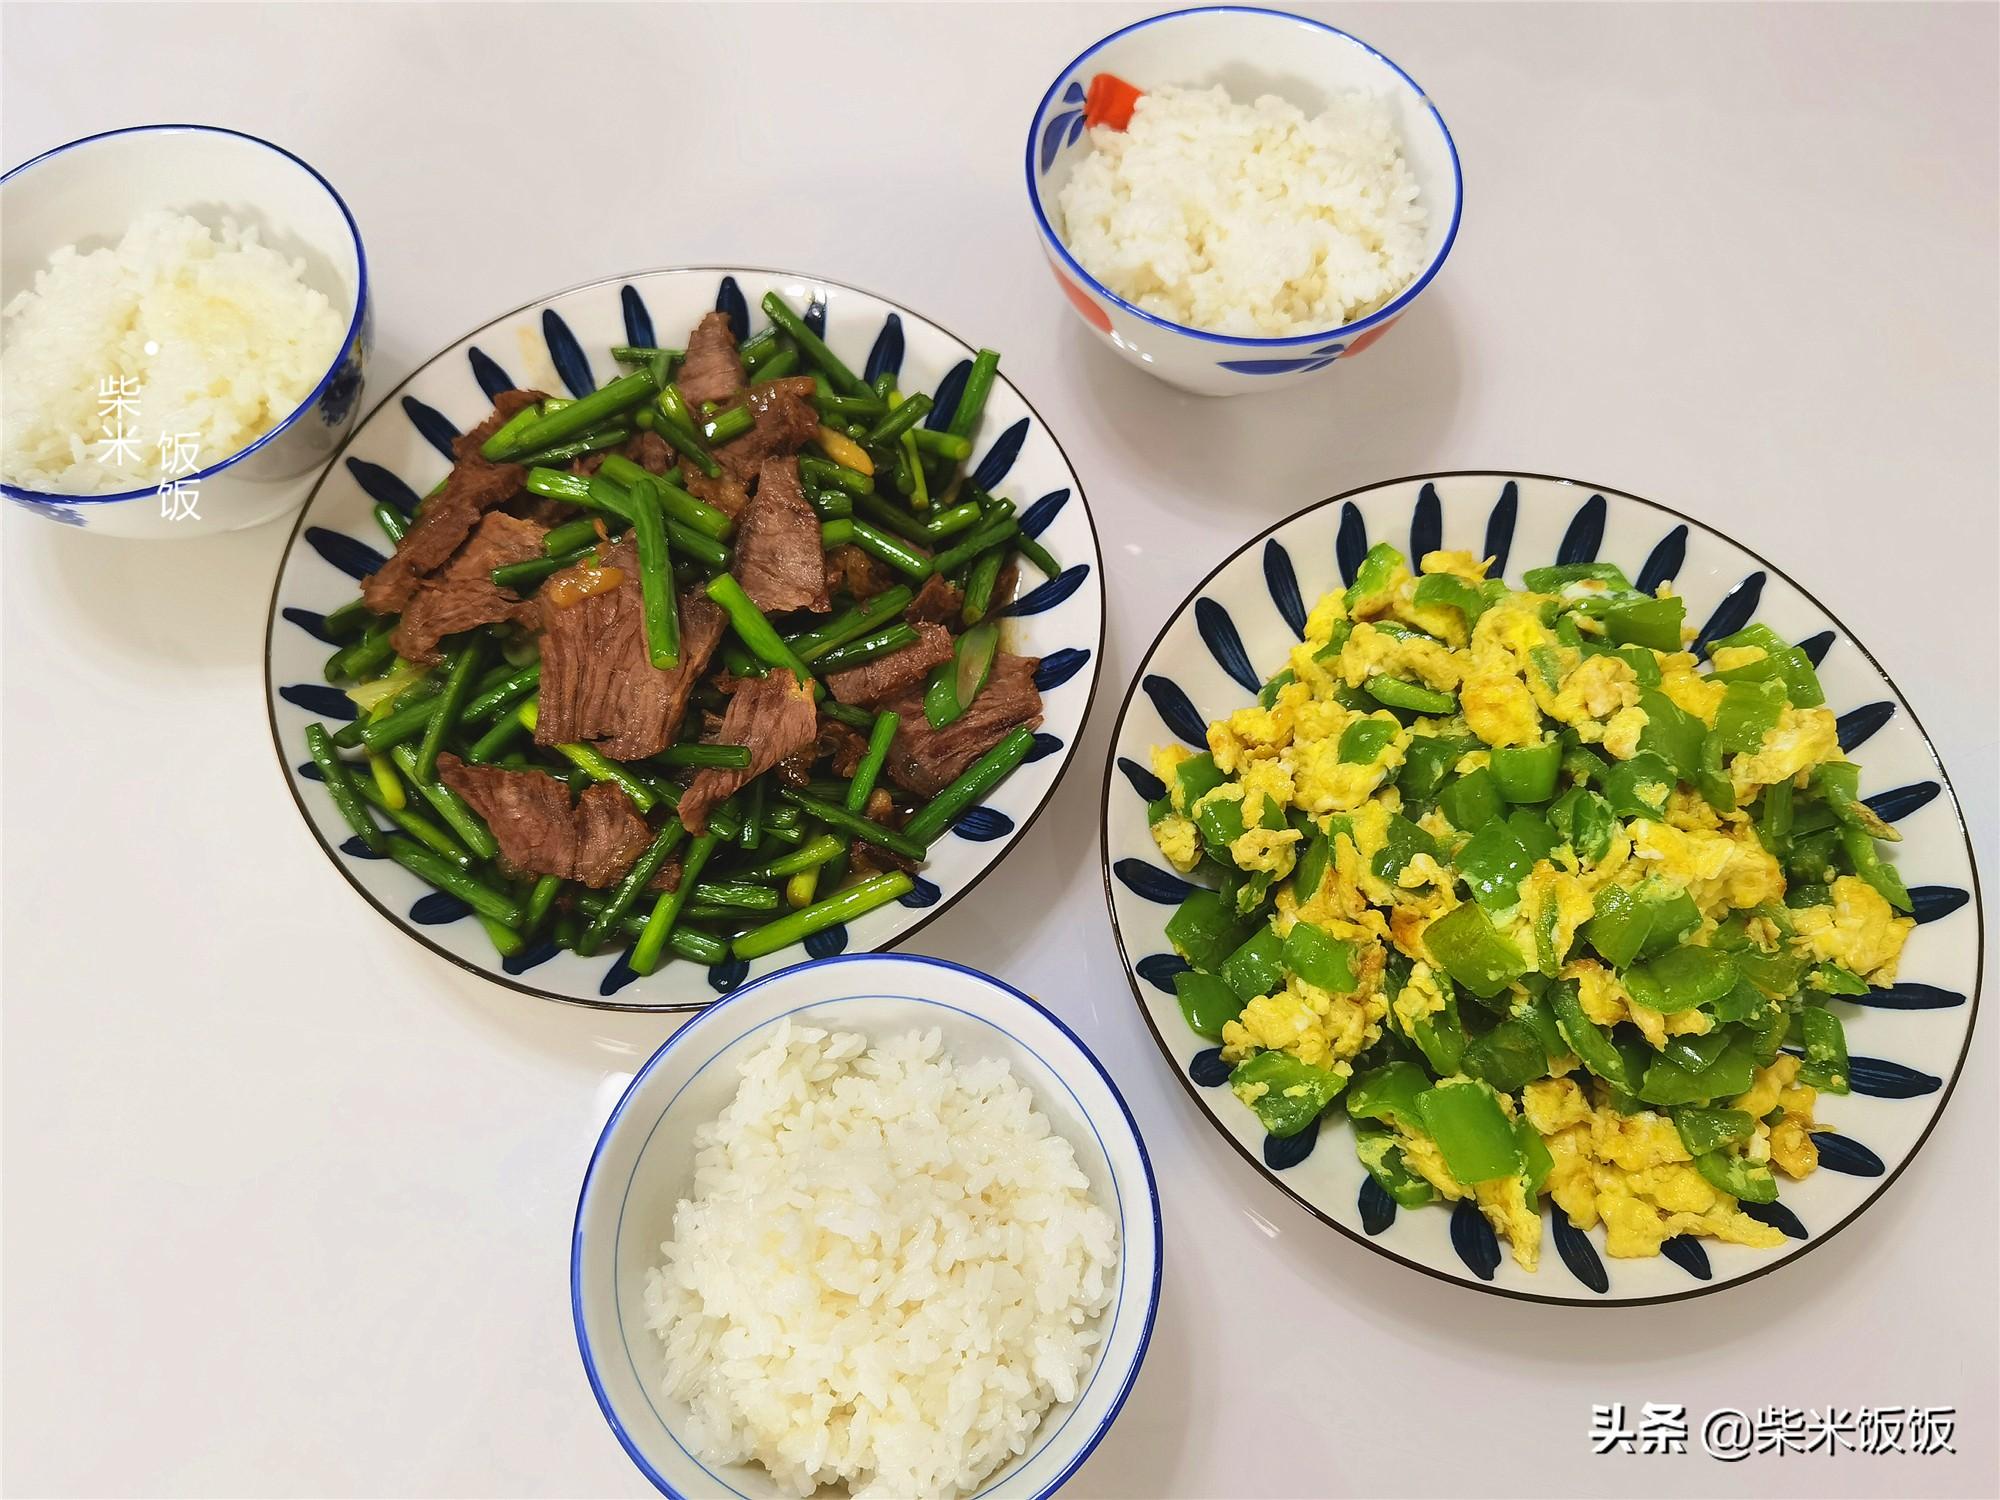 晒我家6天晚餐,全是家常菜,每天花费不到50元,实惠好吃 美食做法 第2张